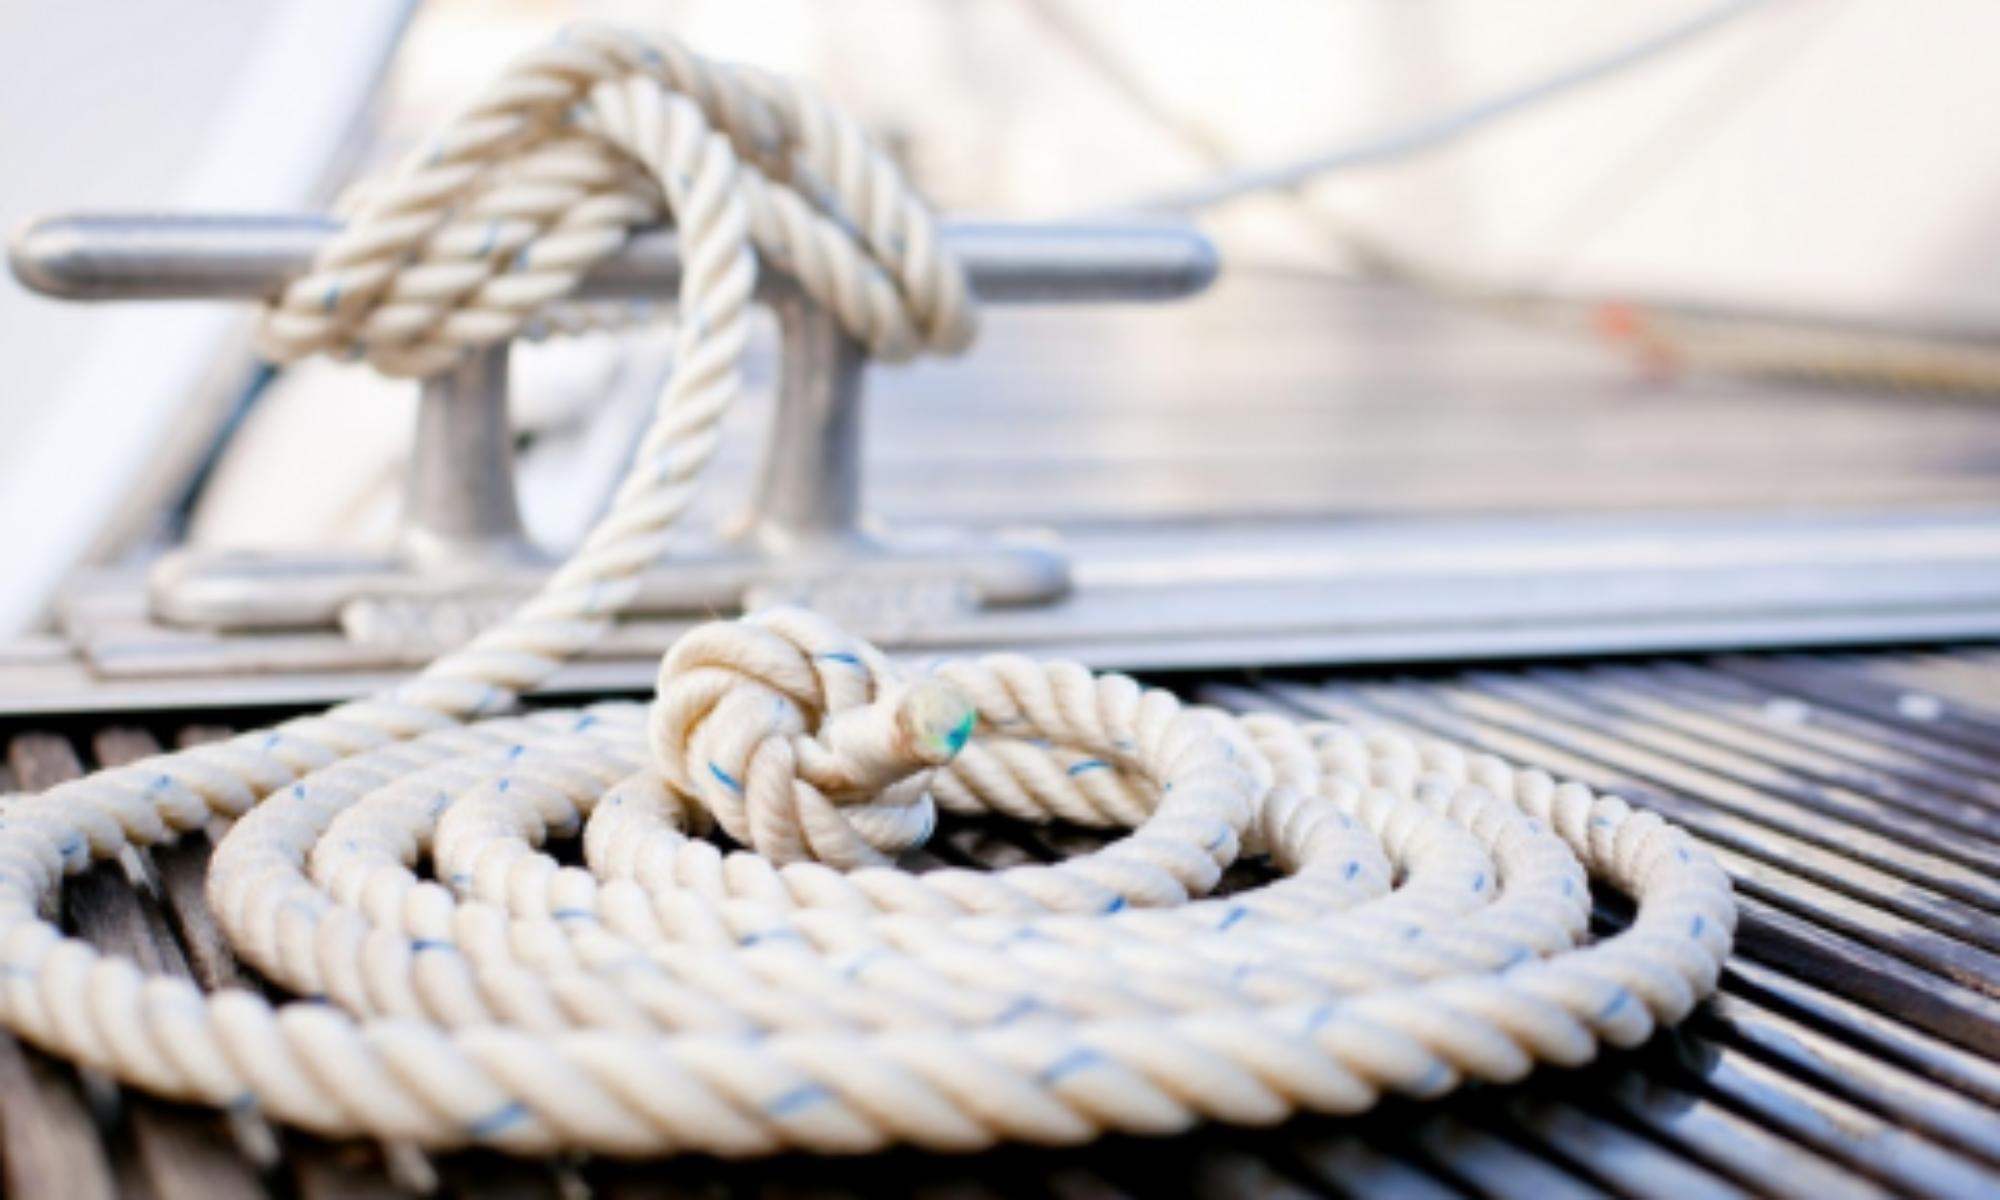 Vaga-Sailing